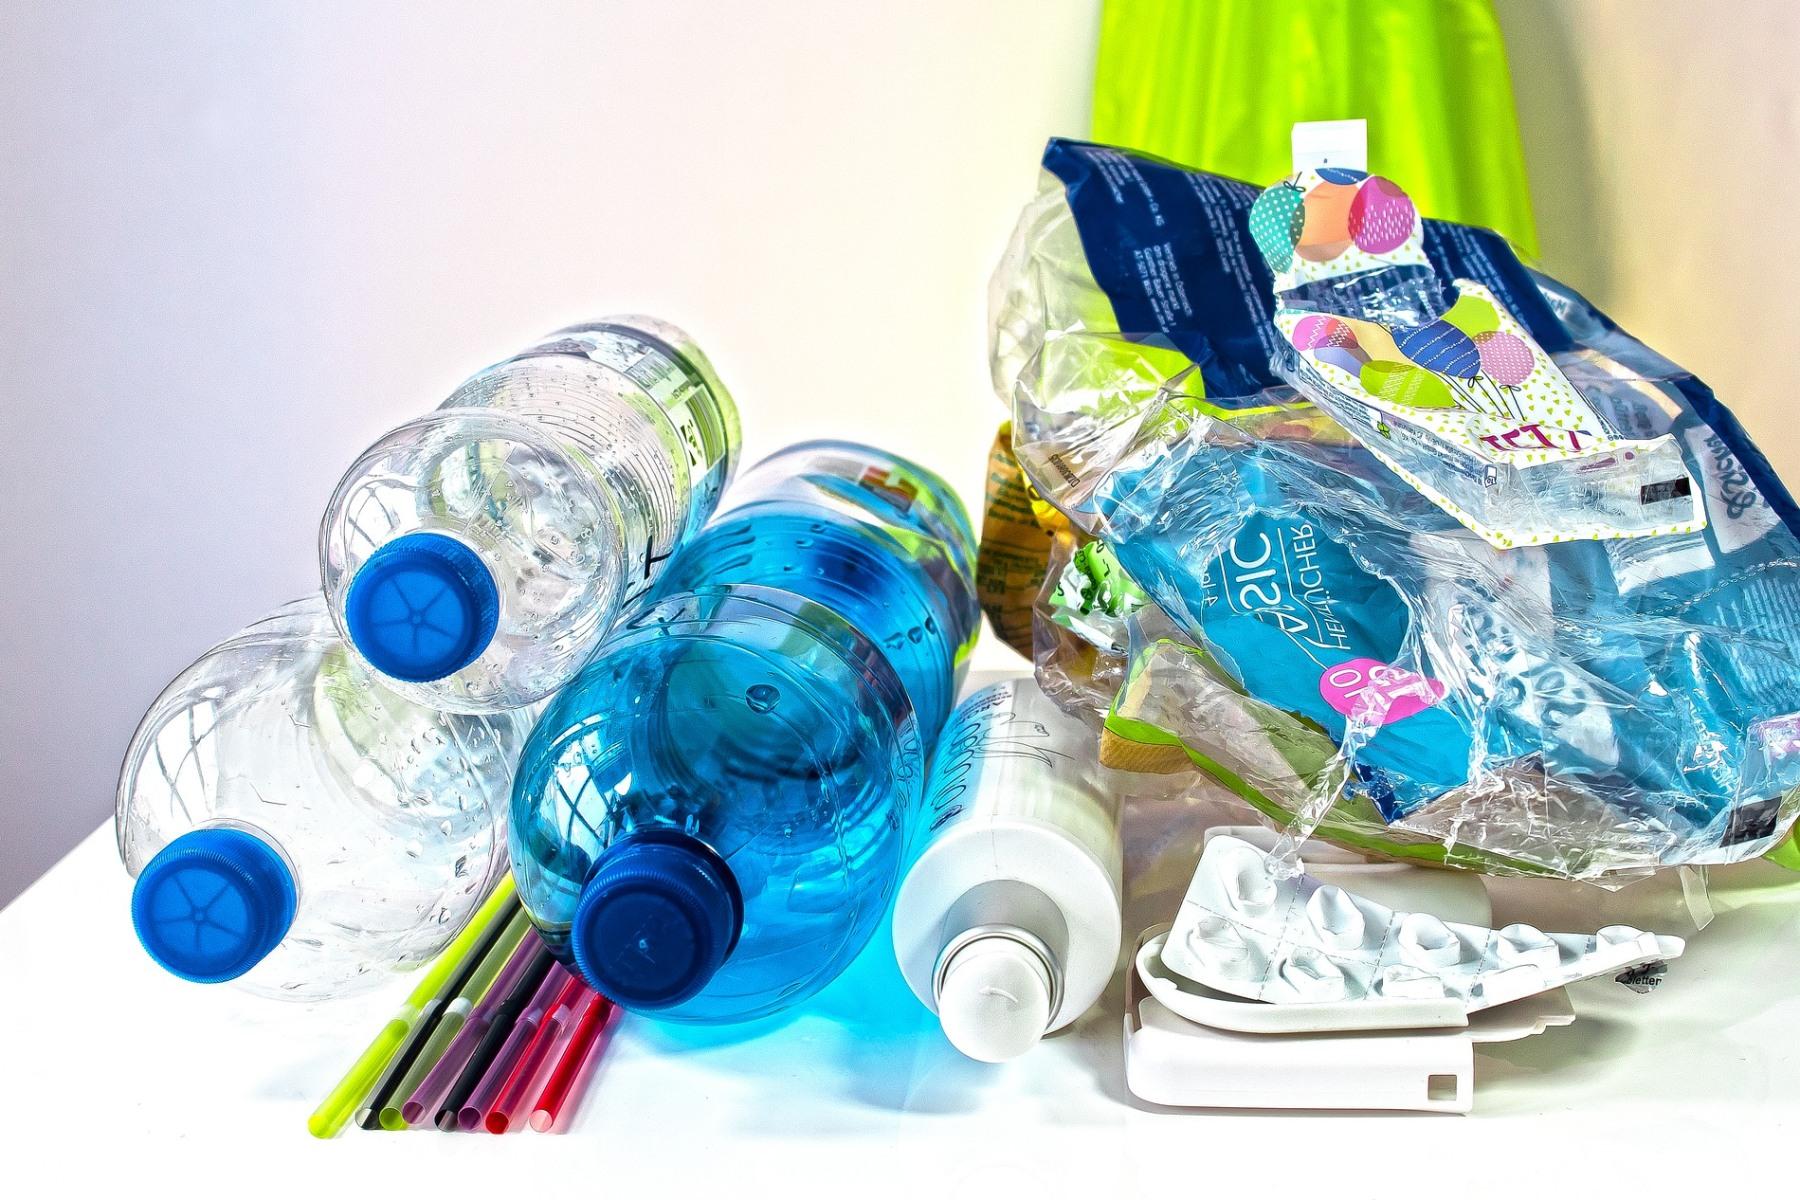 Zálohy na PET lahve by podle ekologa mohly pomoci recyklaci